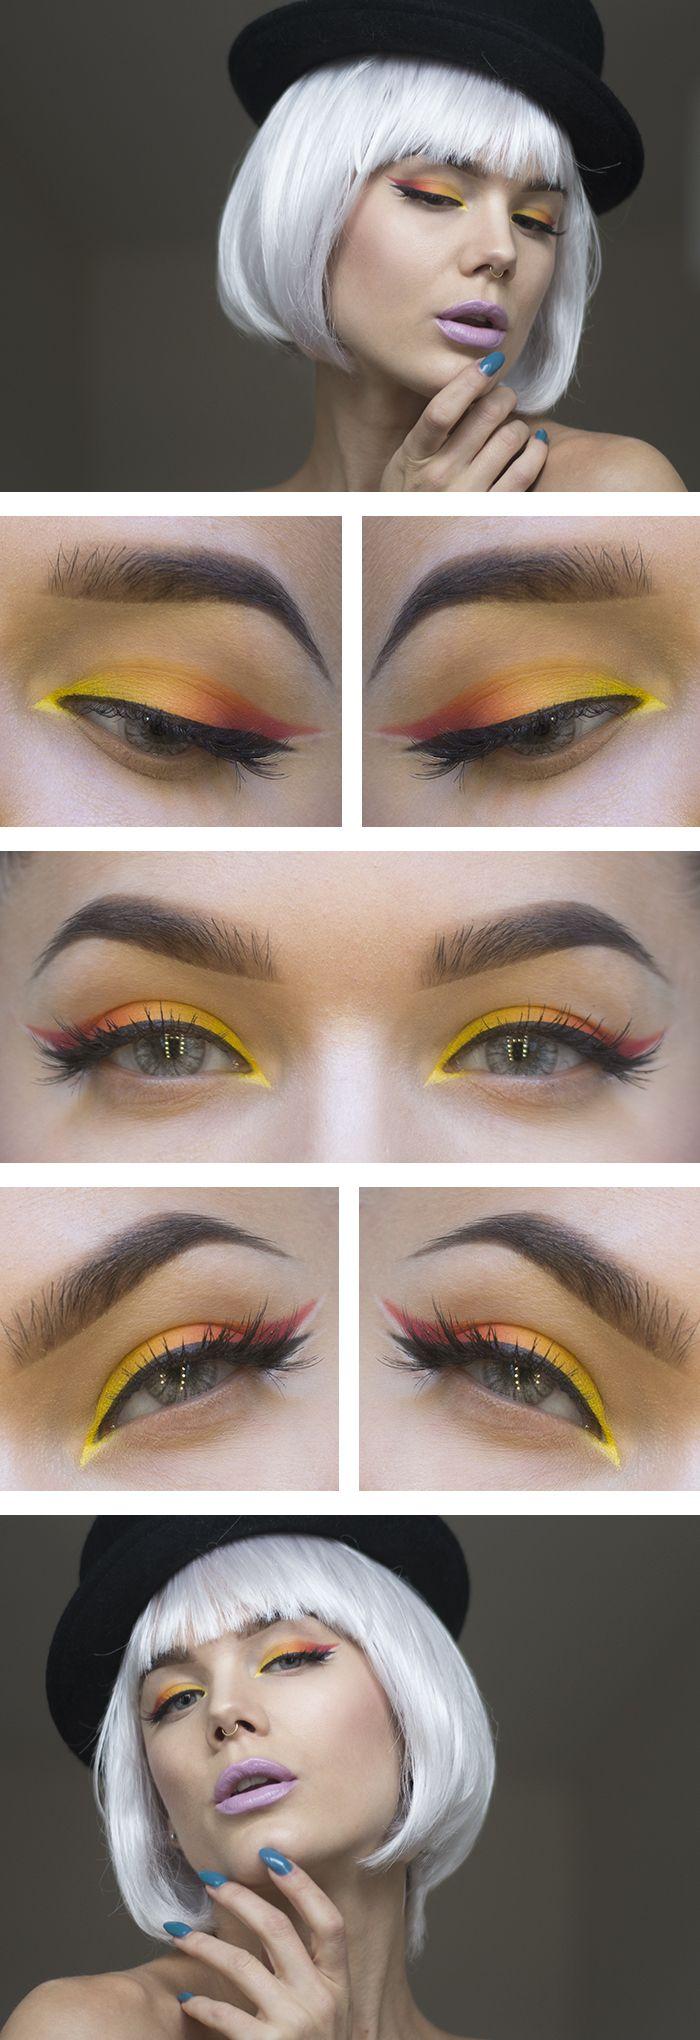 Stylish Ombre Eyeliner